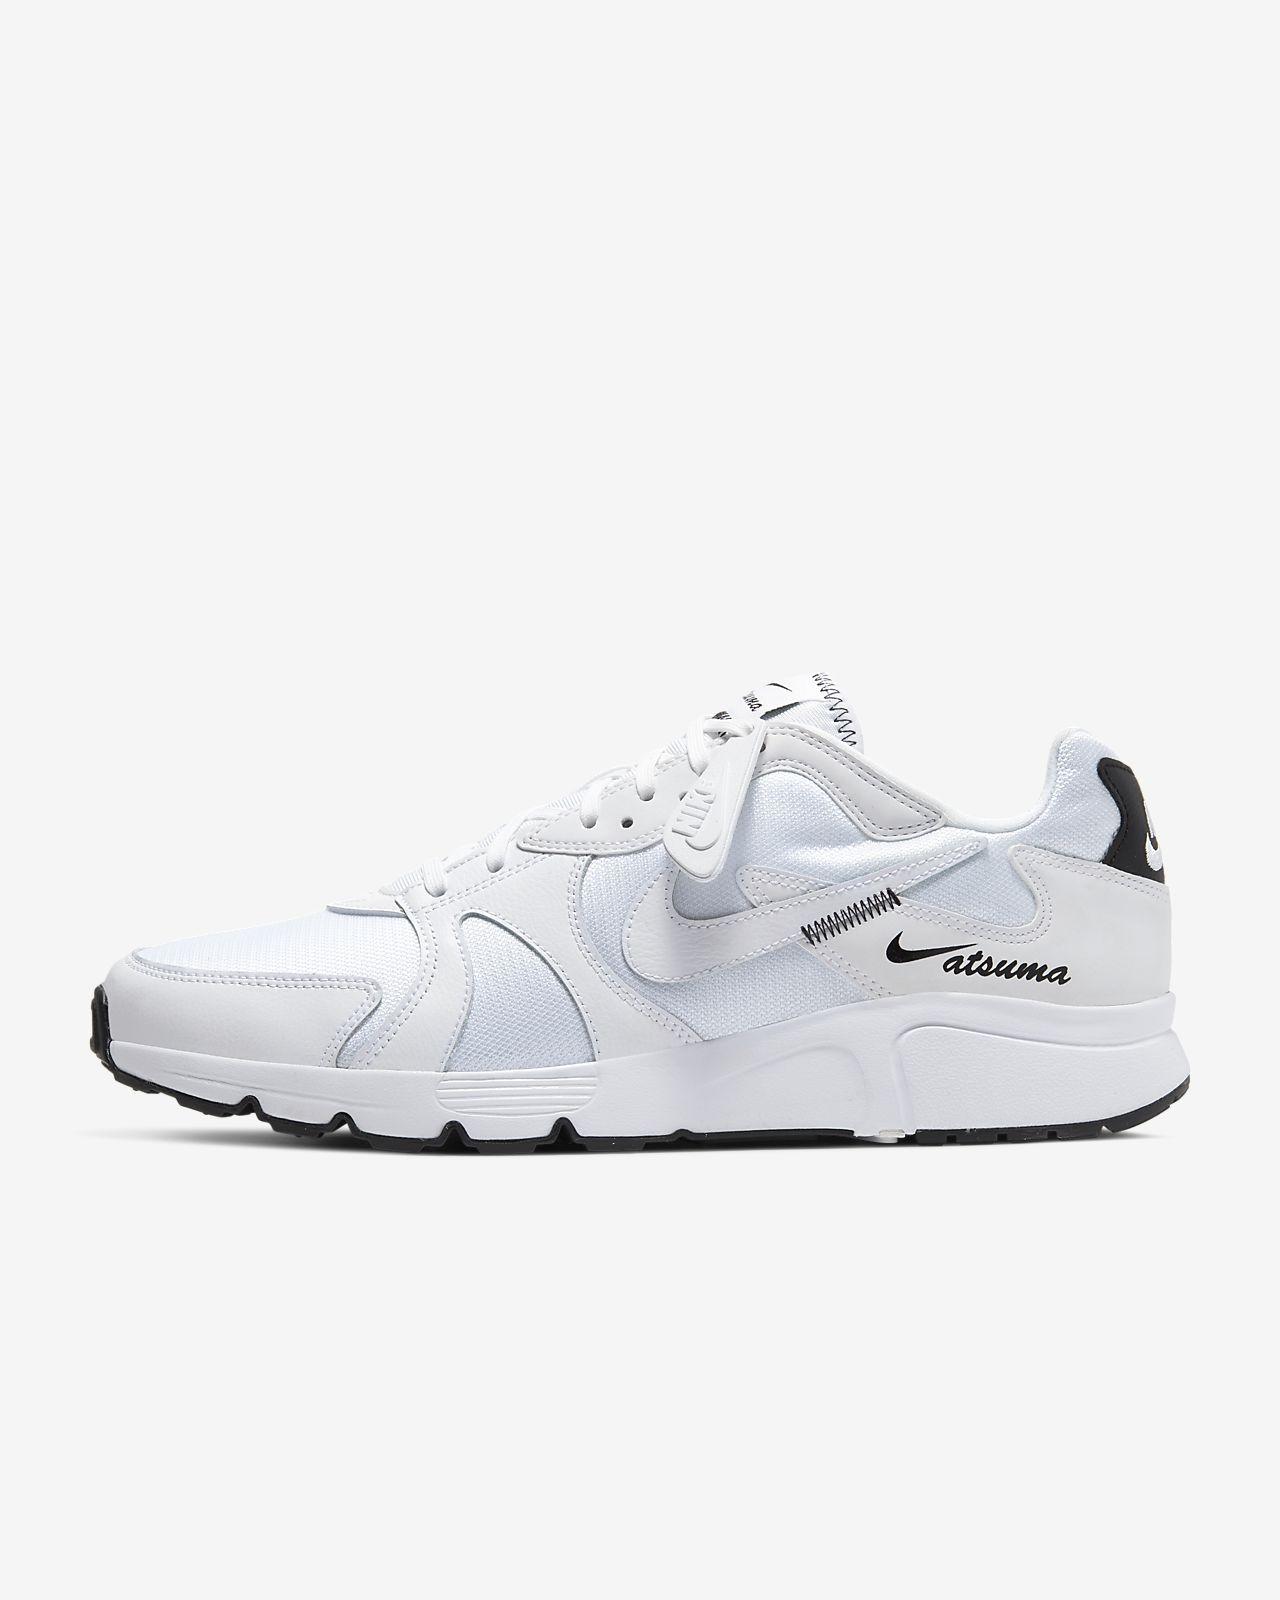 Nike Atsuma Zapatillas - Hombre